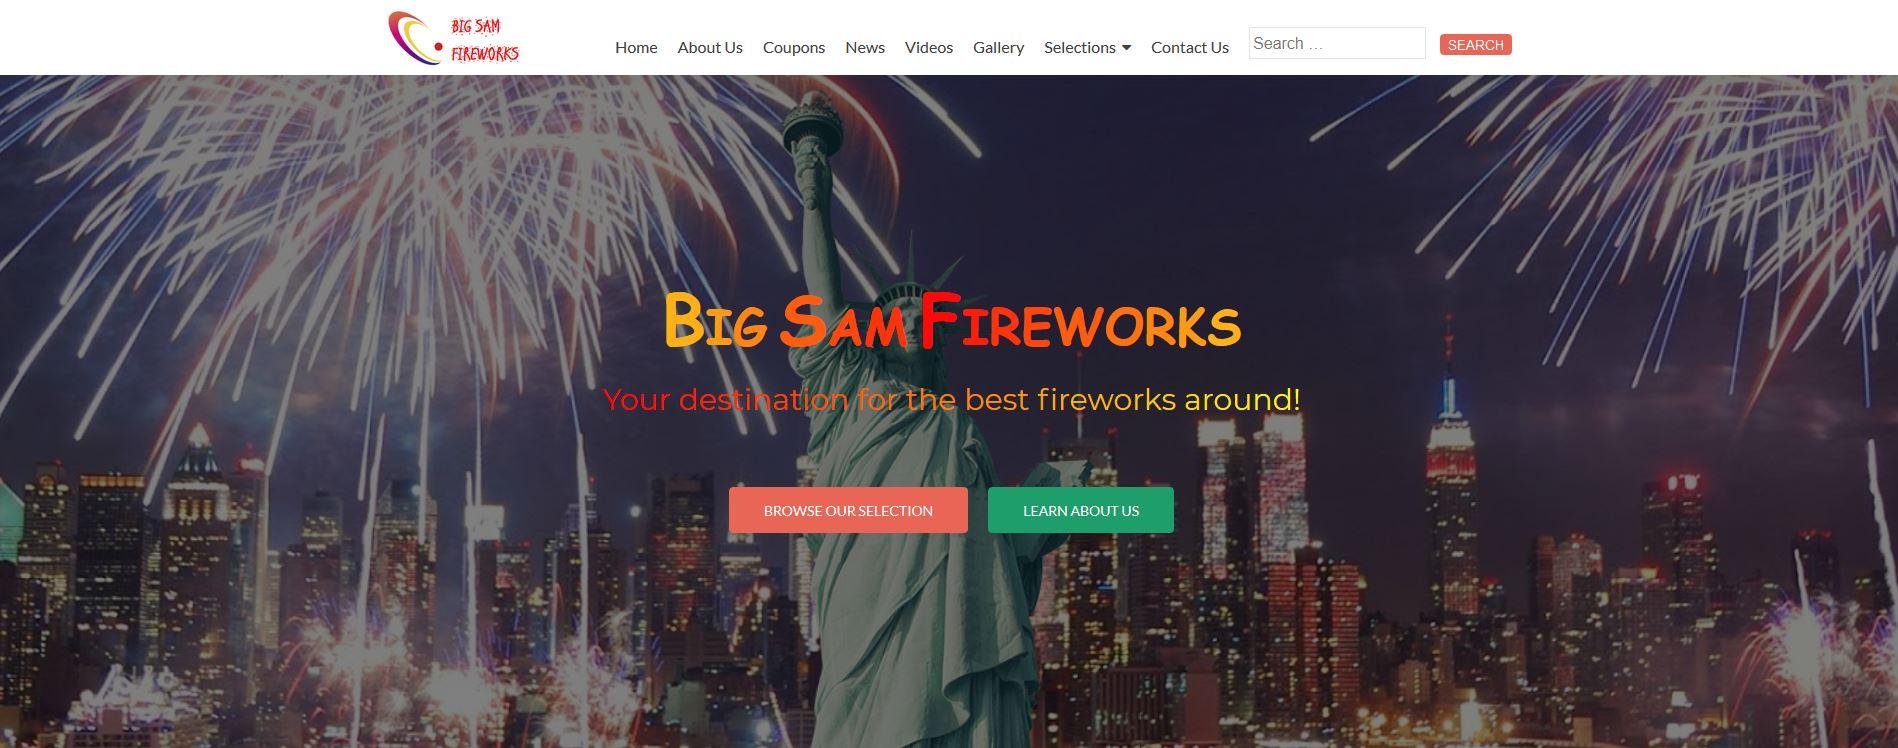 bigsamfireworks